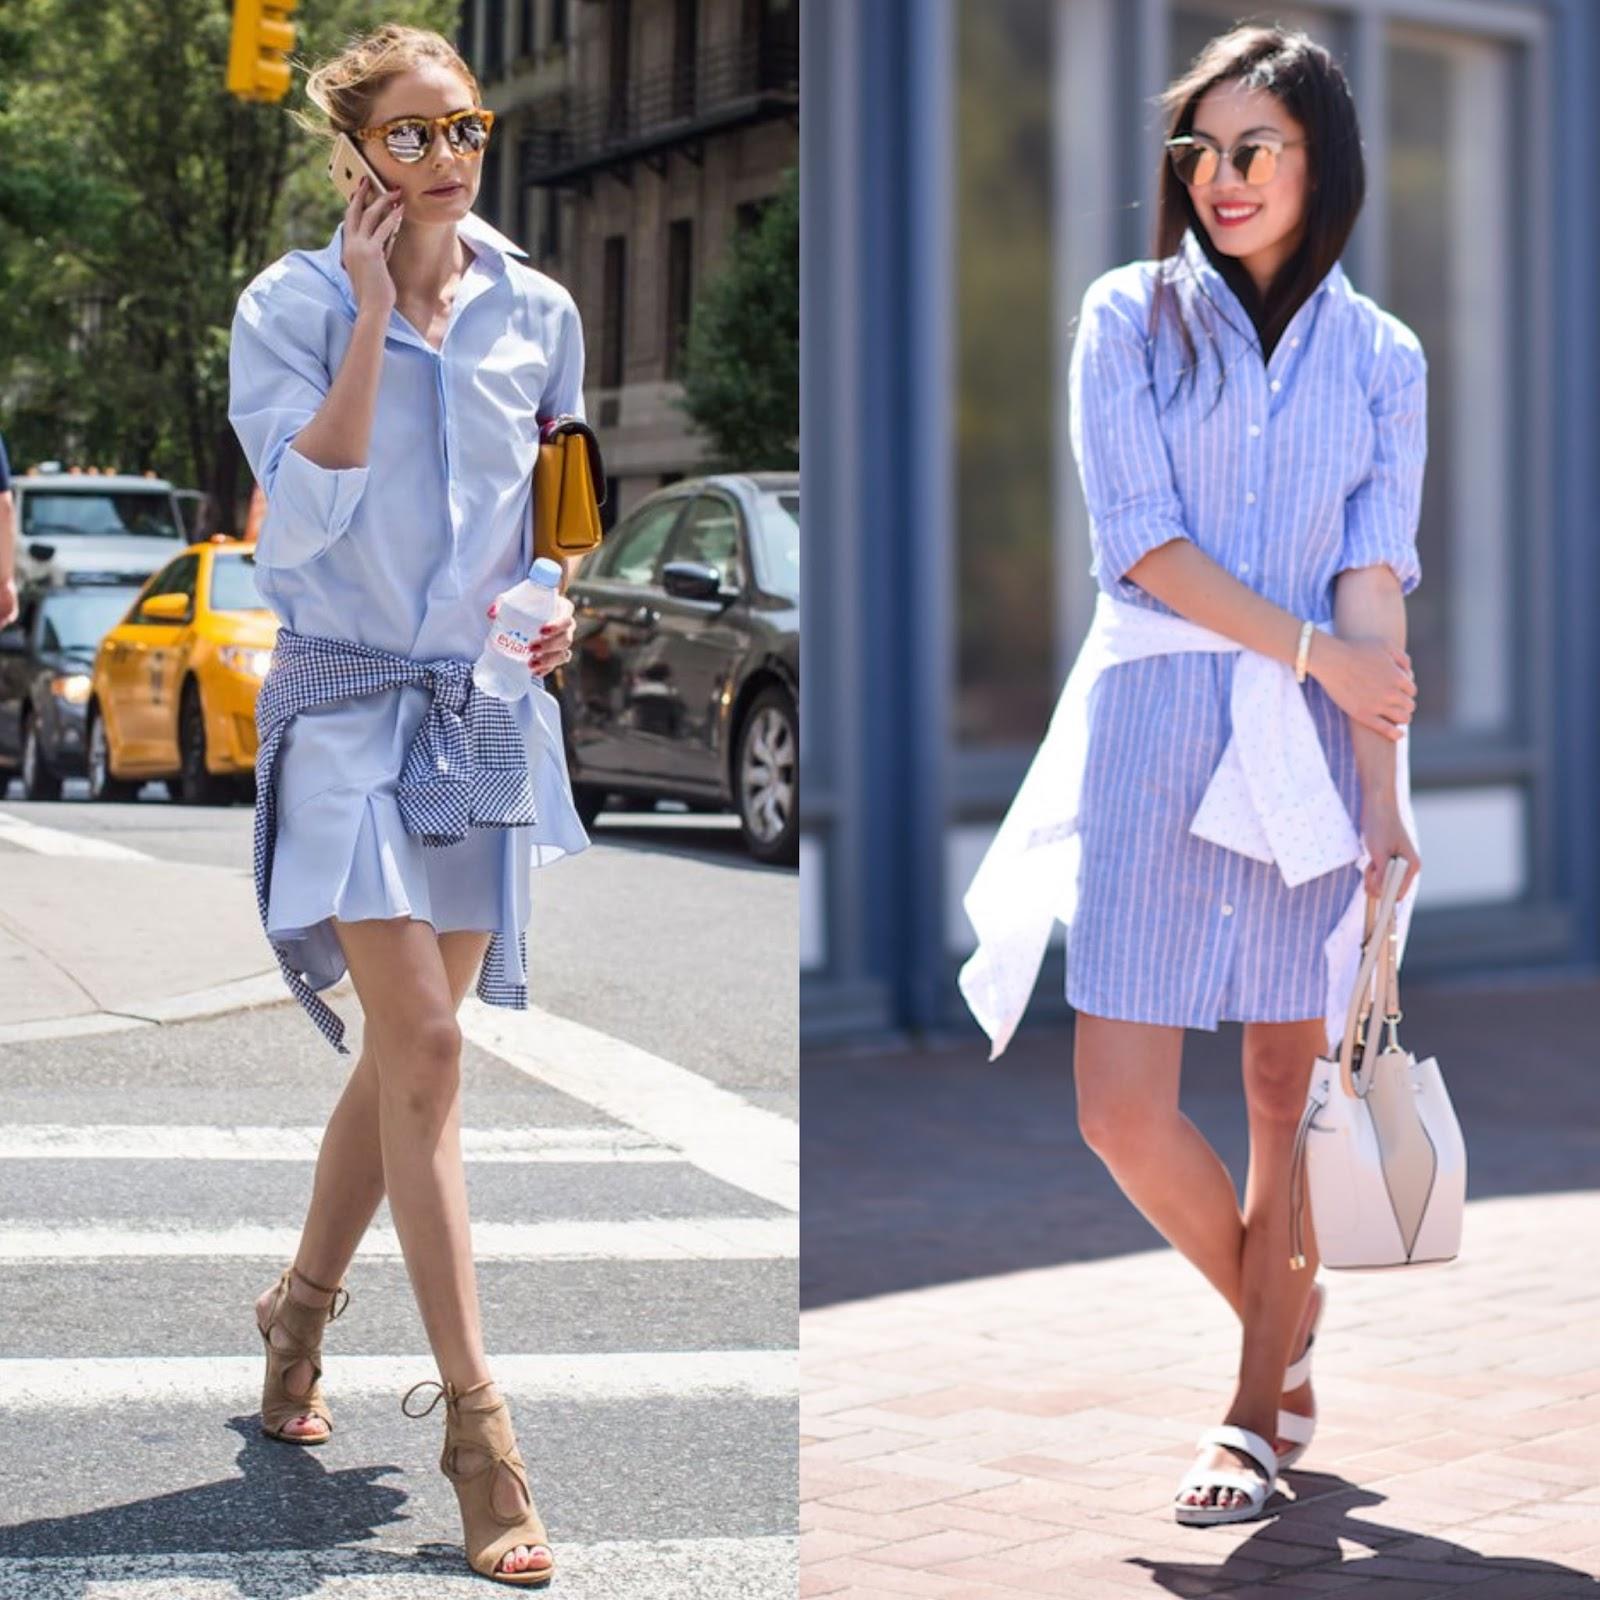 b6c27e8f20 Vestido camisero rayas azul y blanco – Vestidos baratos